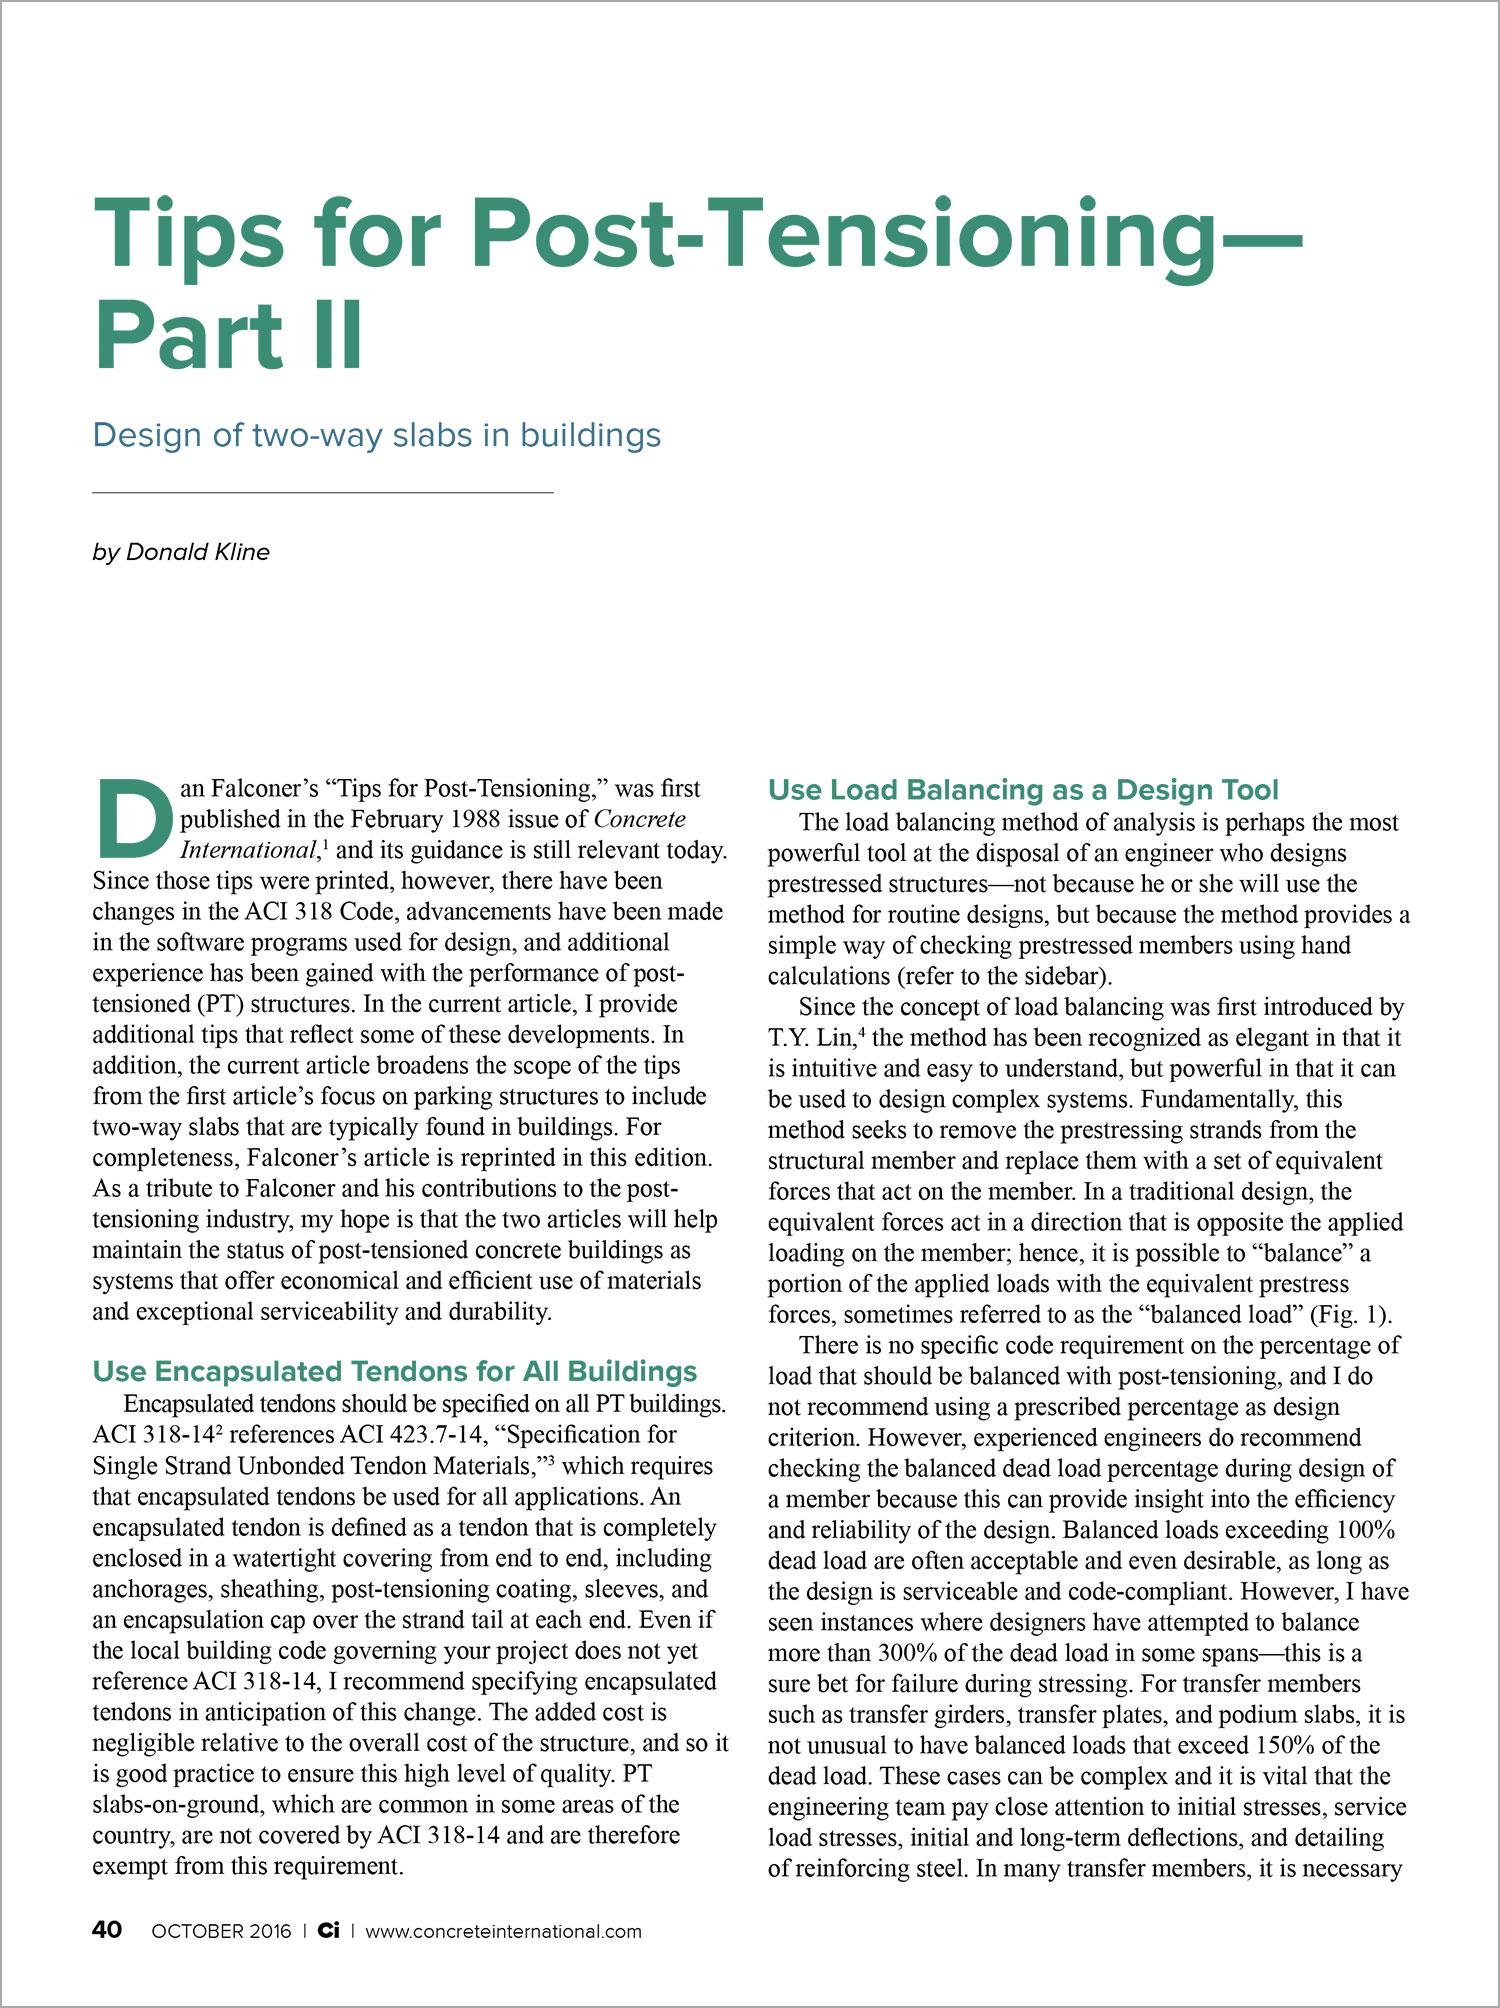 Kline-Engineering-Tips-for-Post-Tensioning-Part-II.jpg